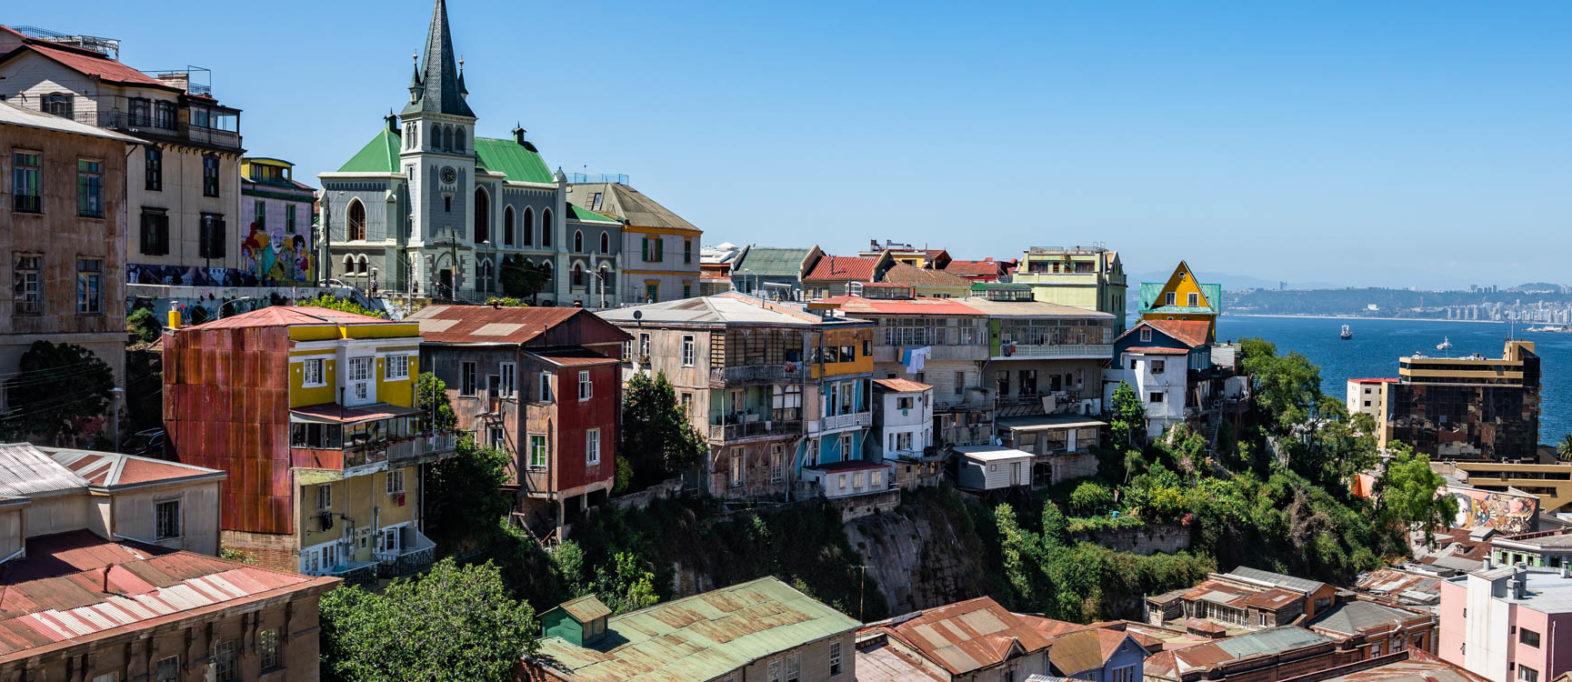 Tipps für Valparaiso in Chile